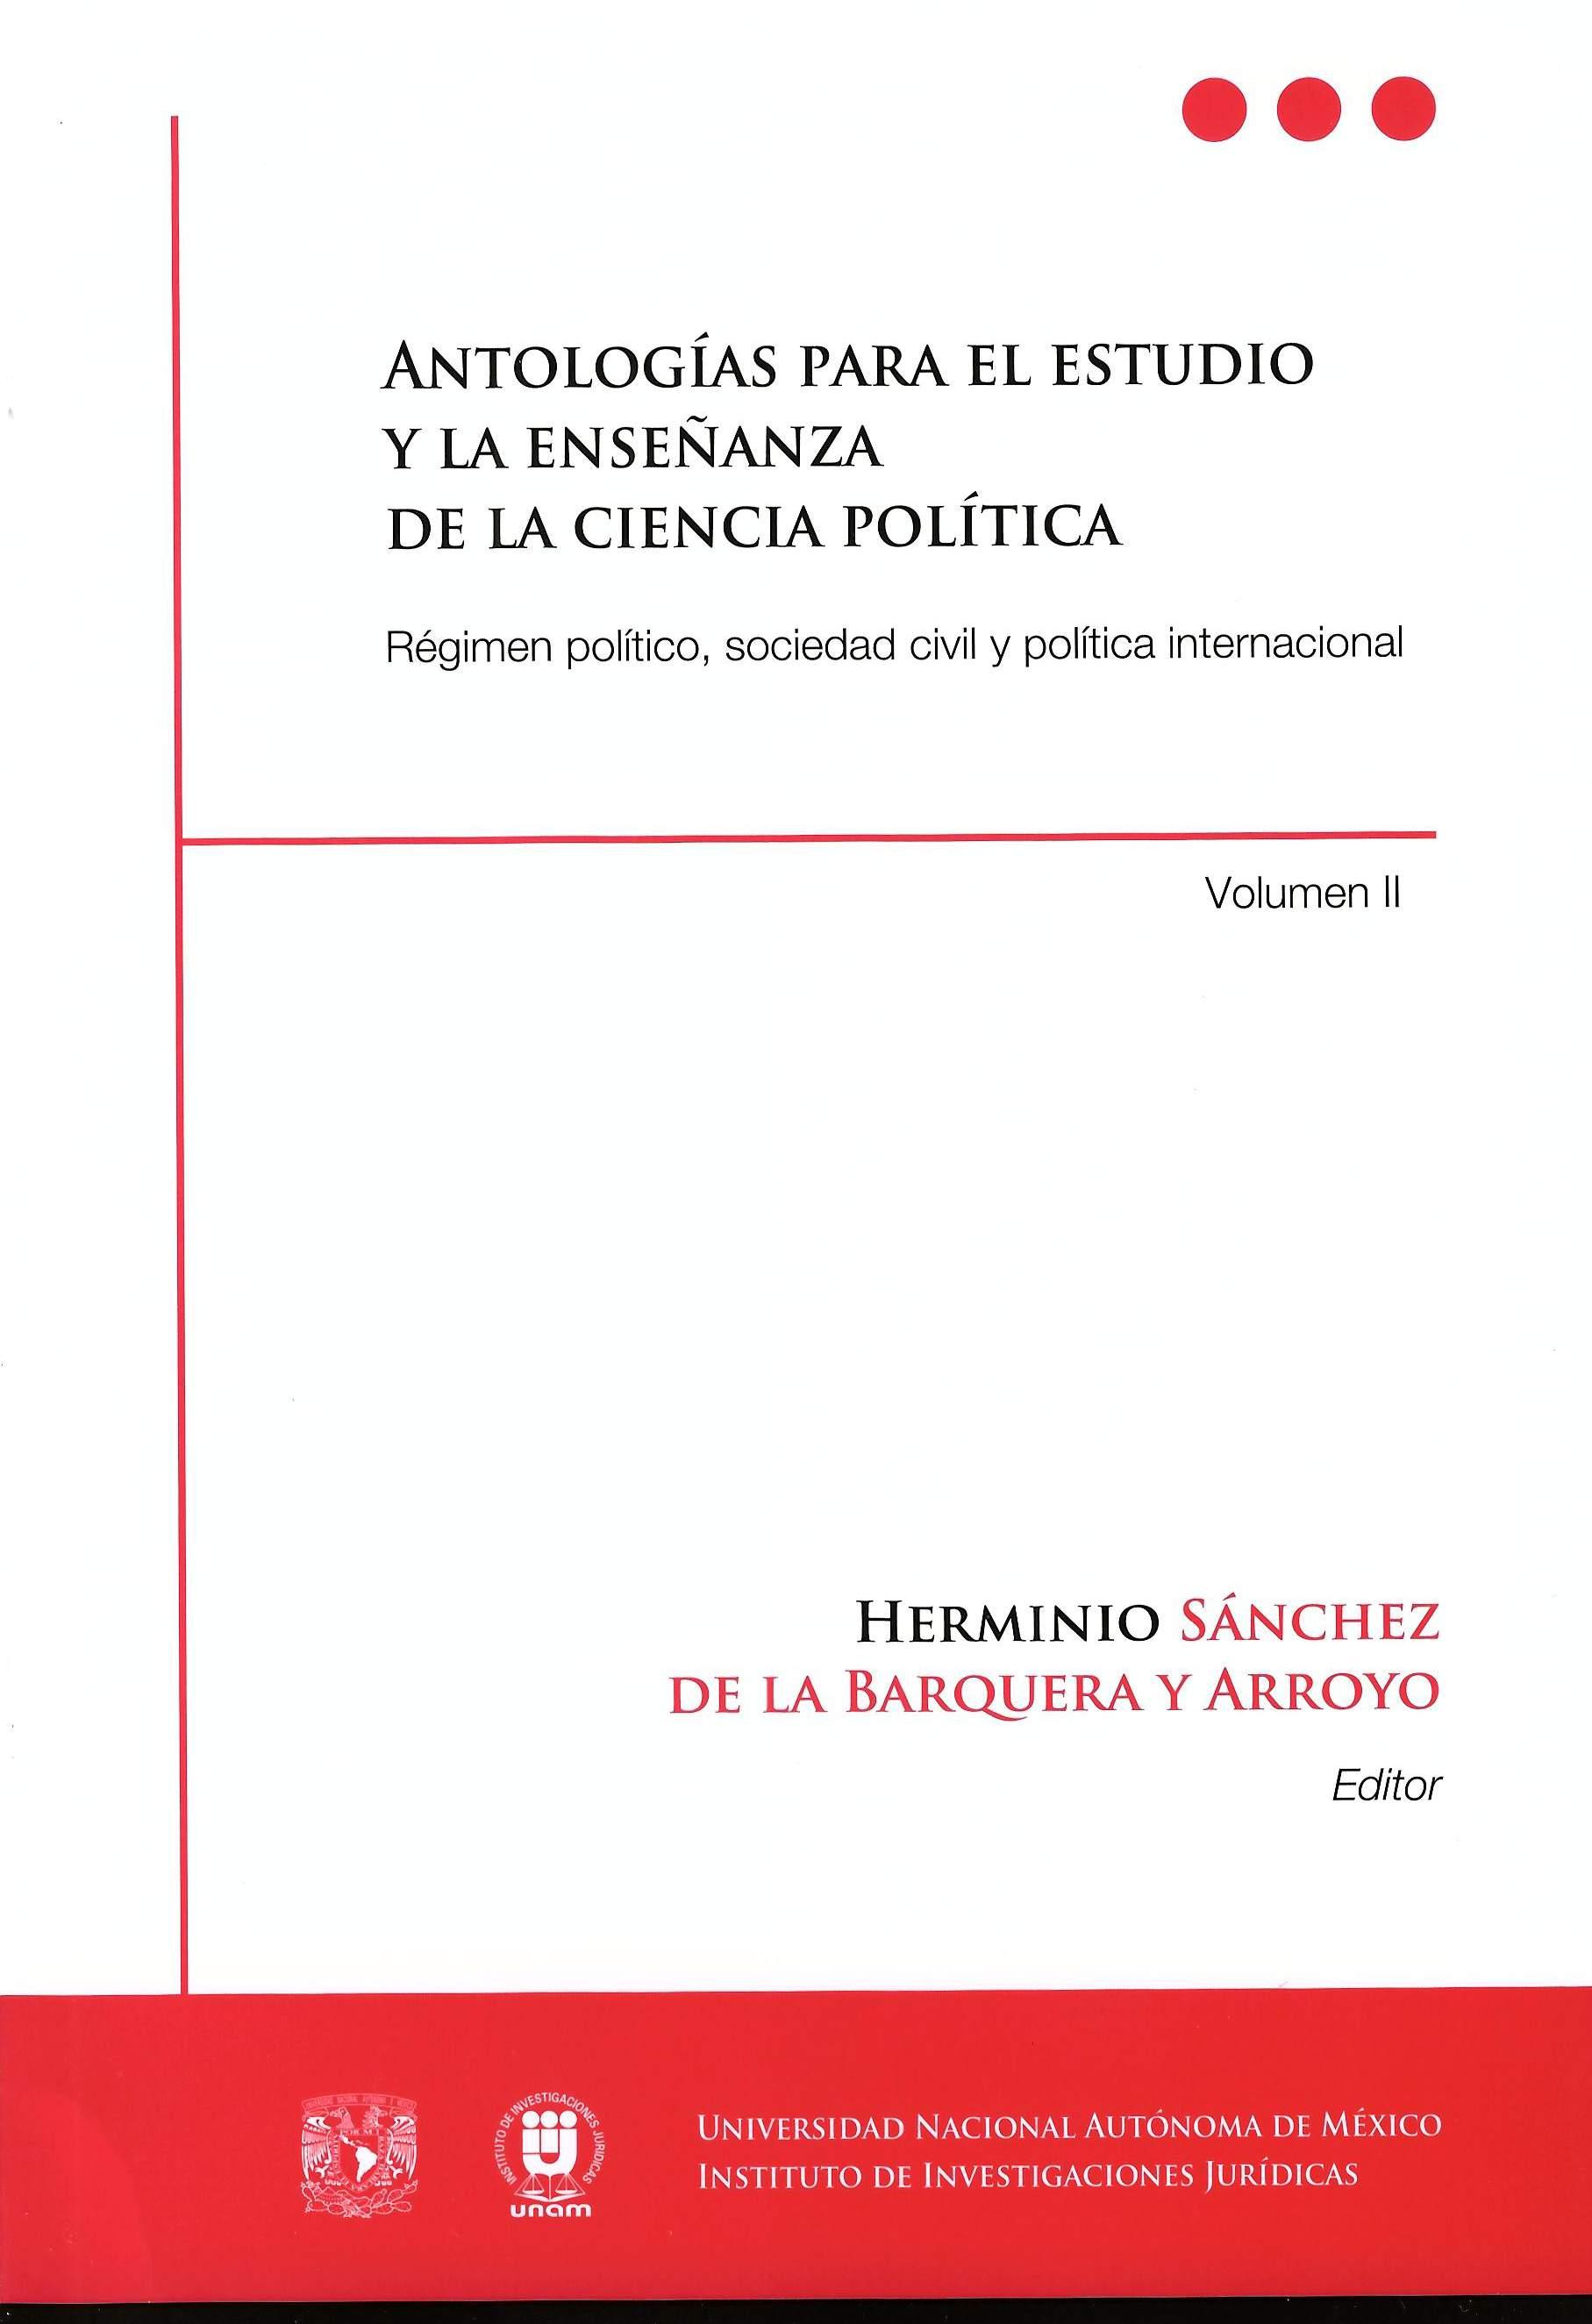 Antologías para el estudio y la enseñanza de la ciencia política. Régimen político, sociedad civil